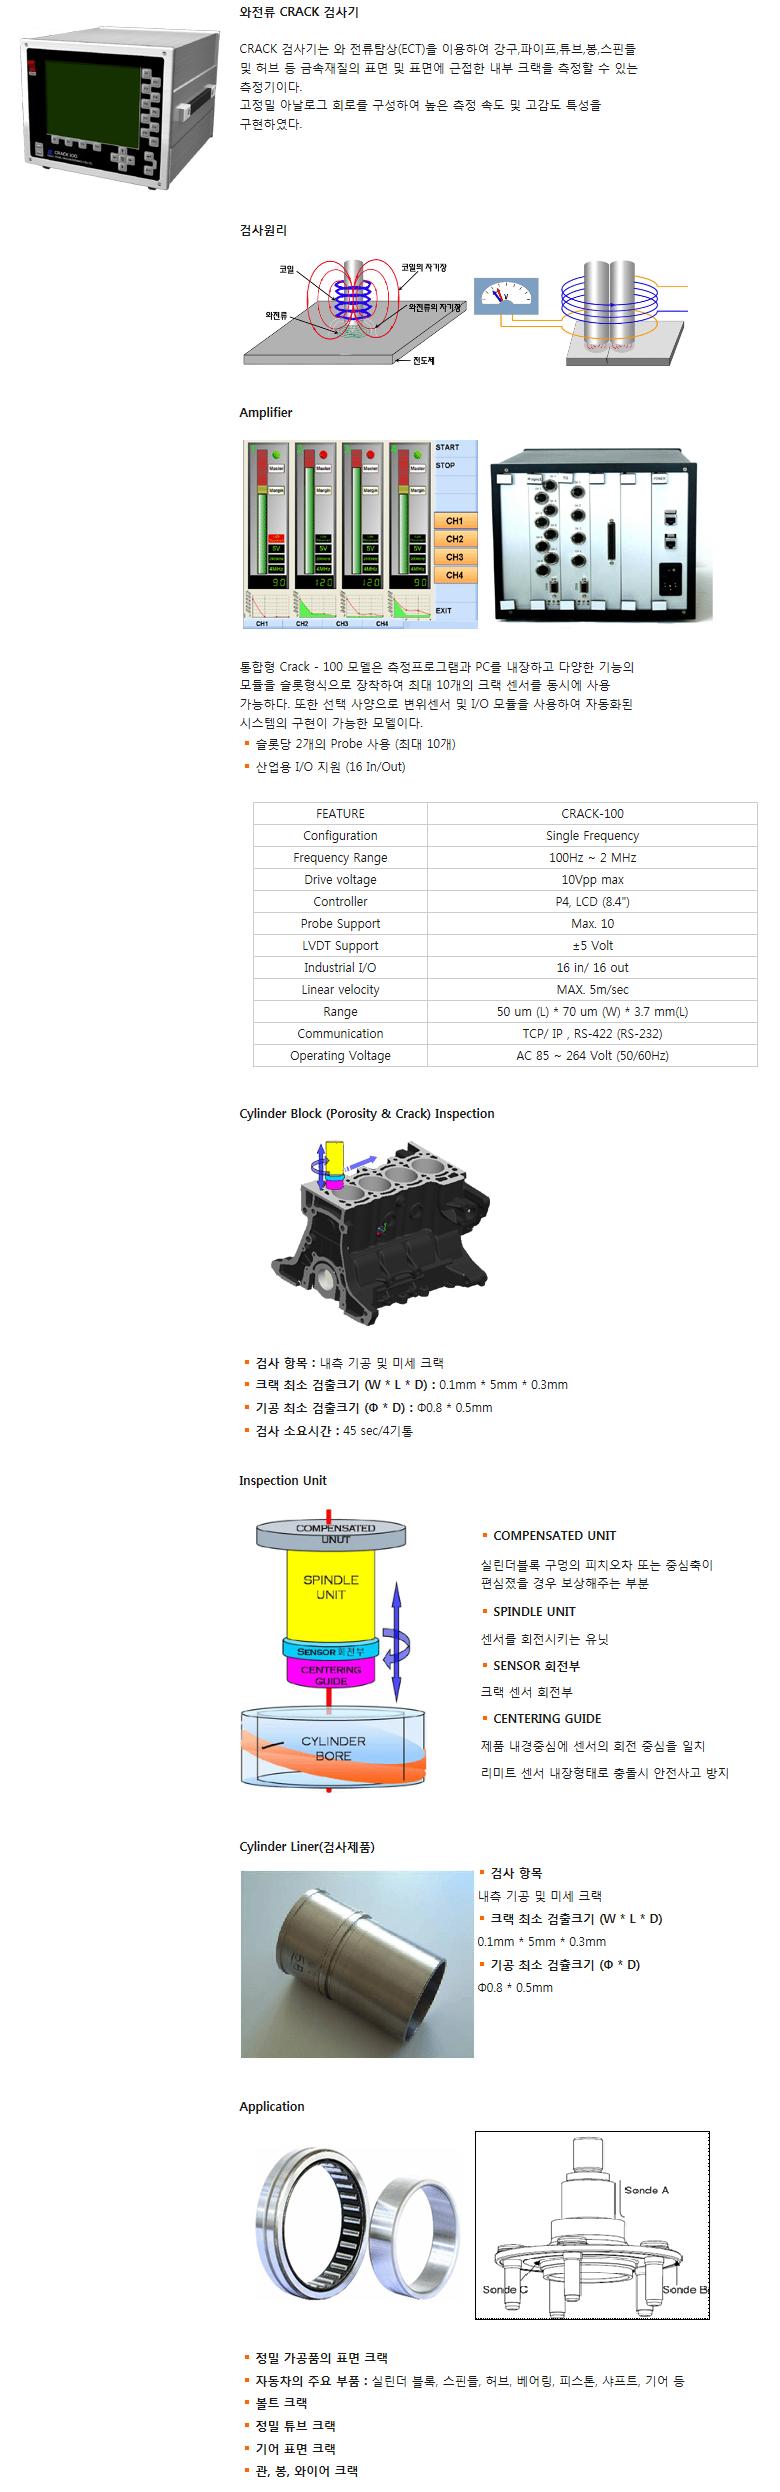 (주)국일메카트로닉스 와전류 크랙검사기 CRACK-100